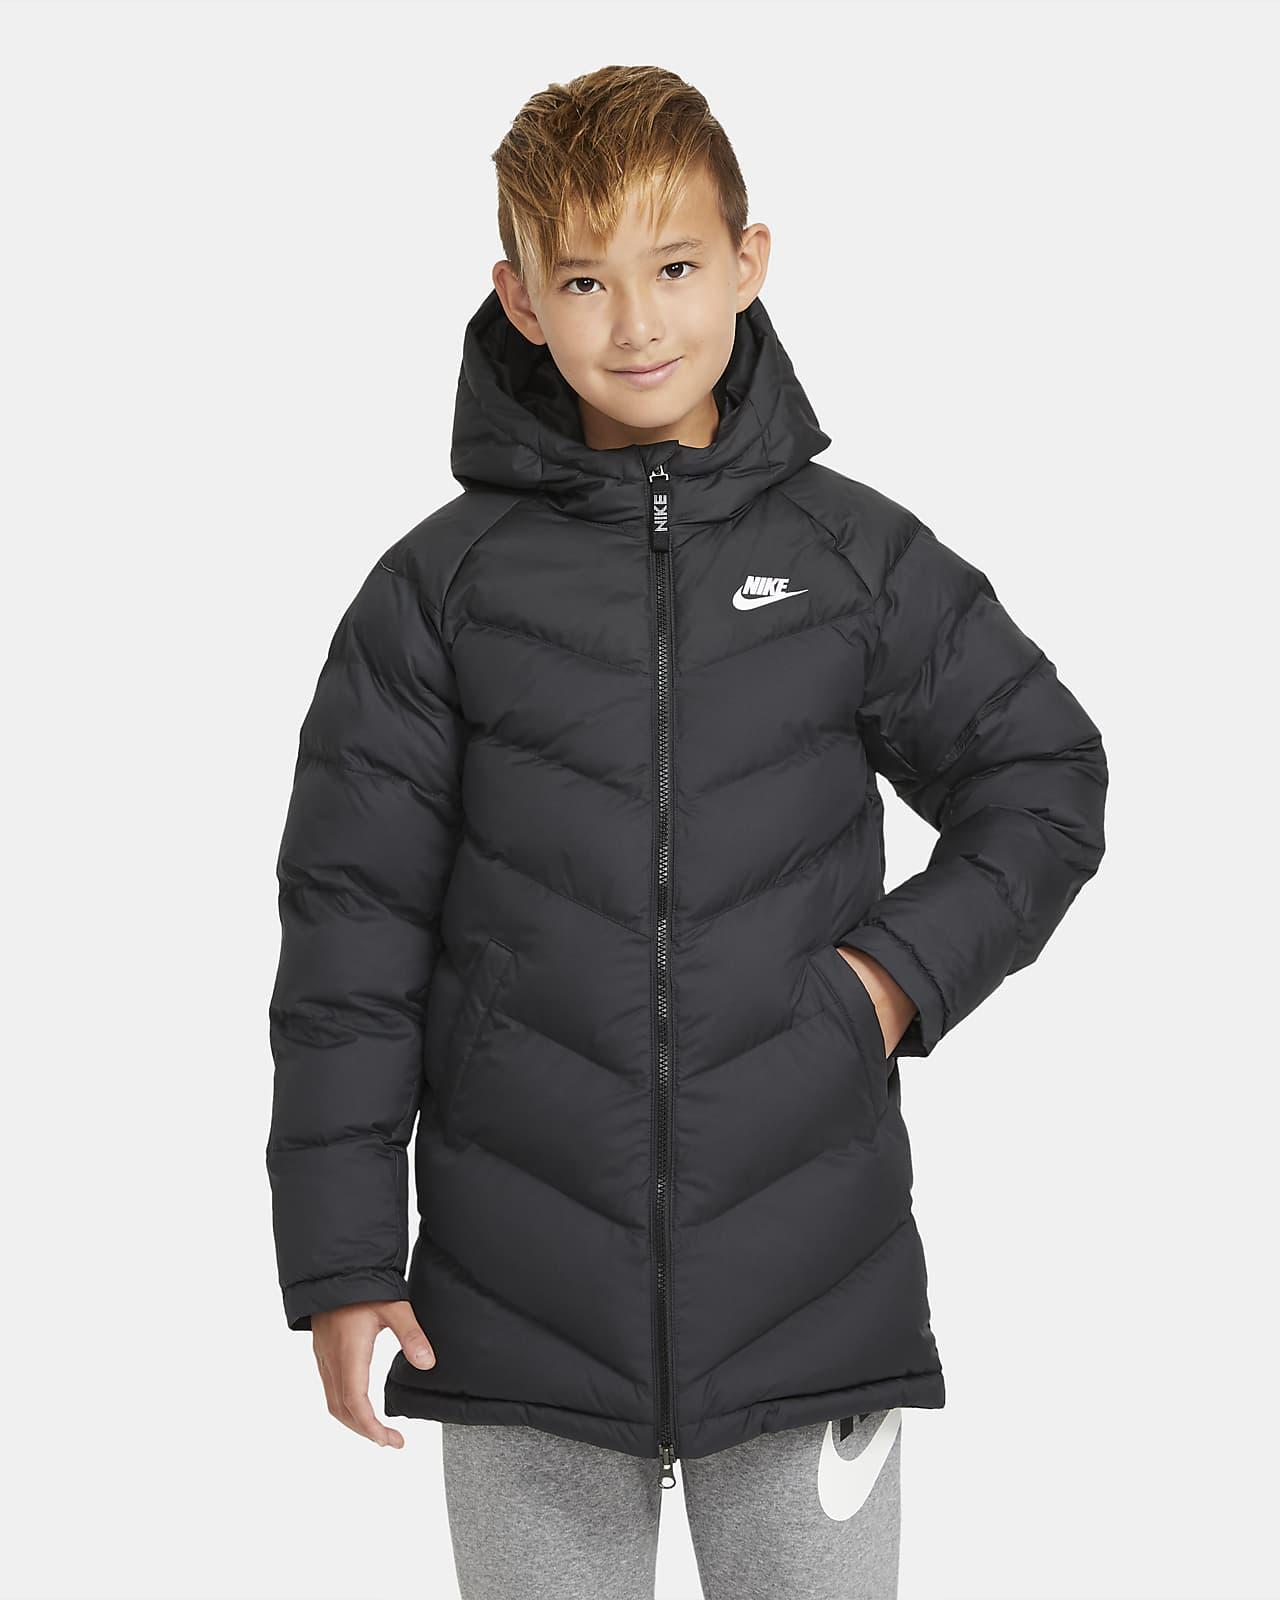 Mimořádně dlouhá bunda Nike Sportswear se syntetickou výplní pro větší děti